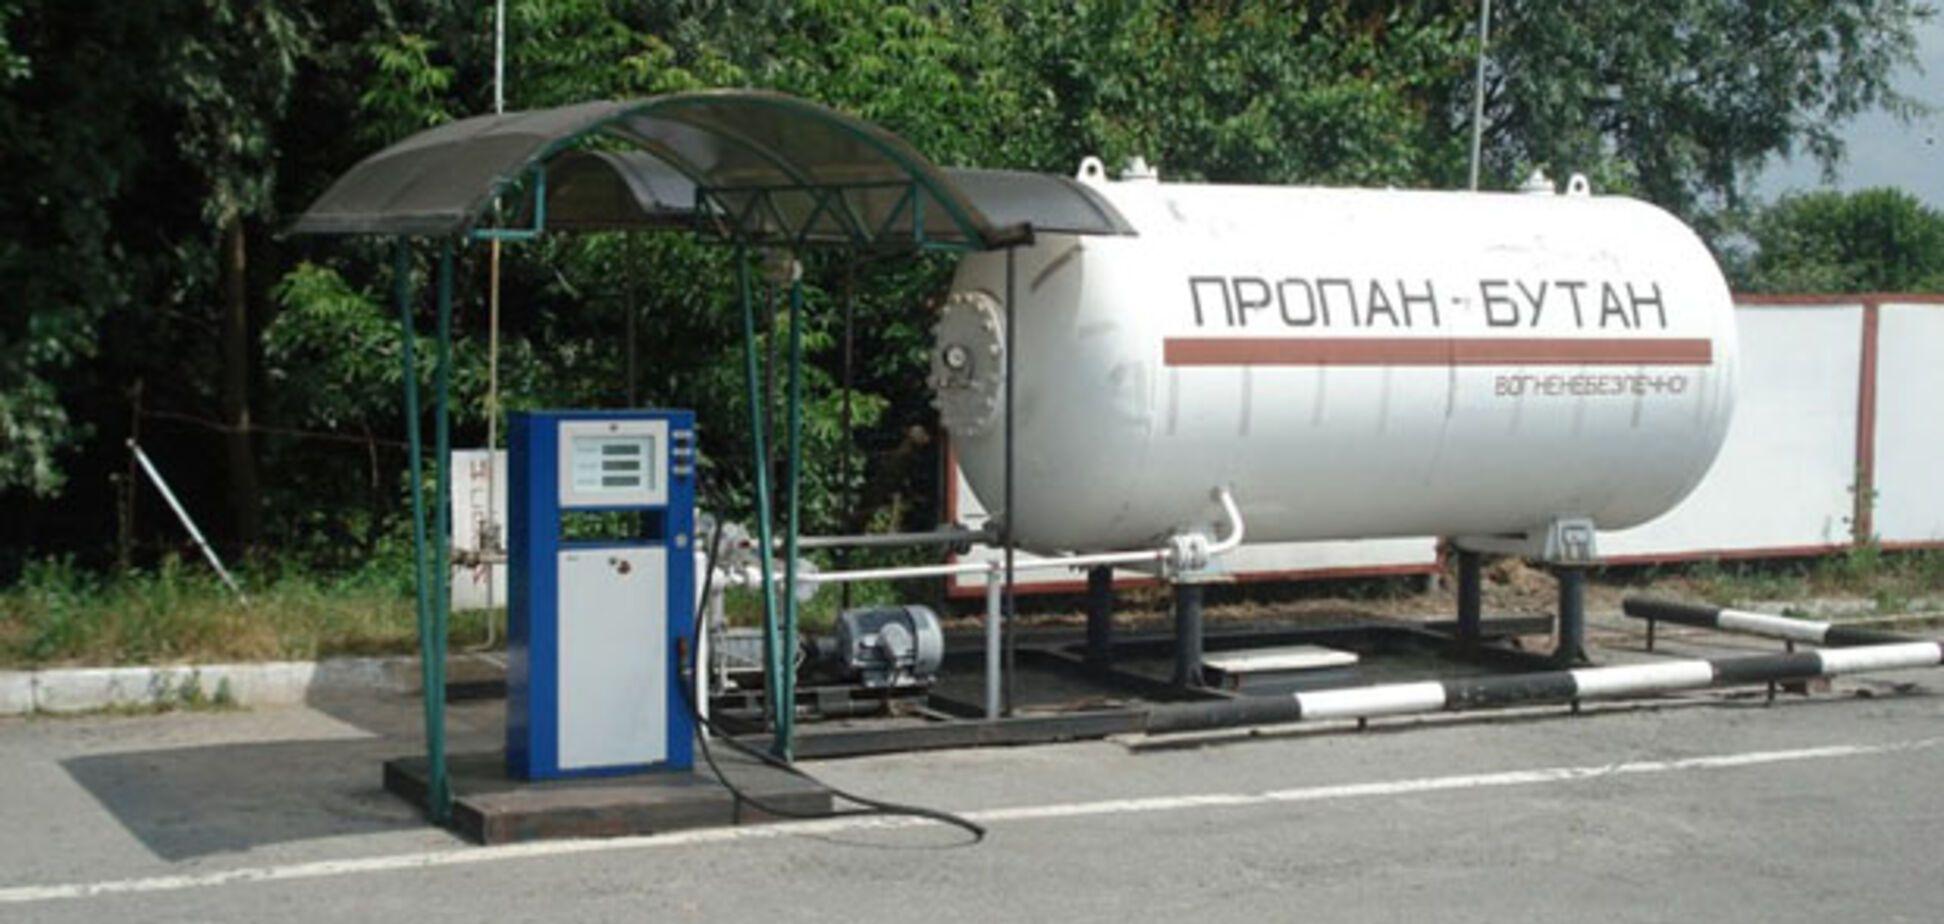 Ринок досяг пікових значень: чи загрожує українцям різке півищення цін